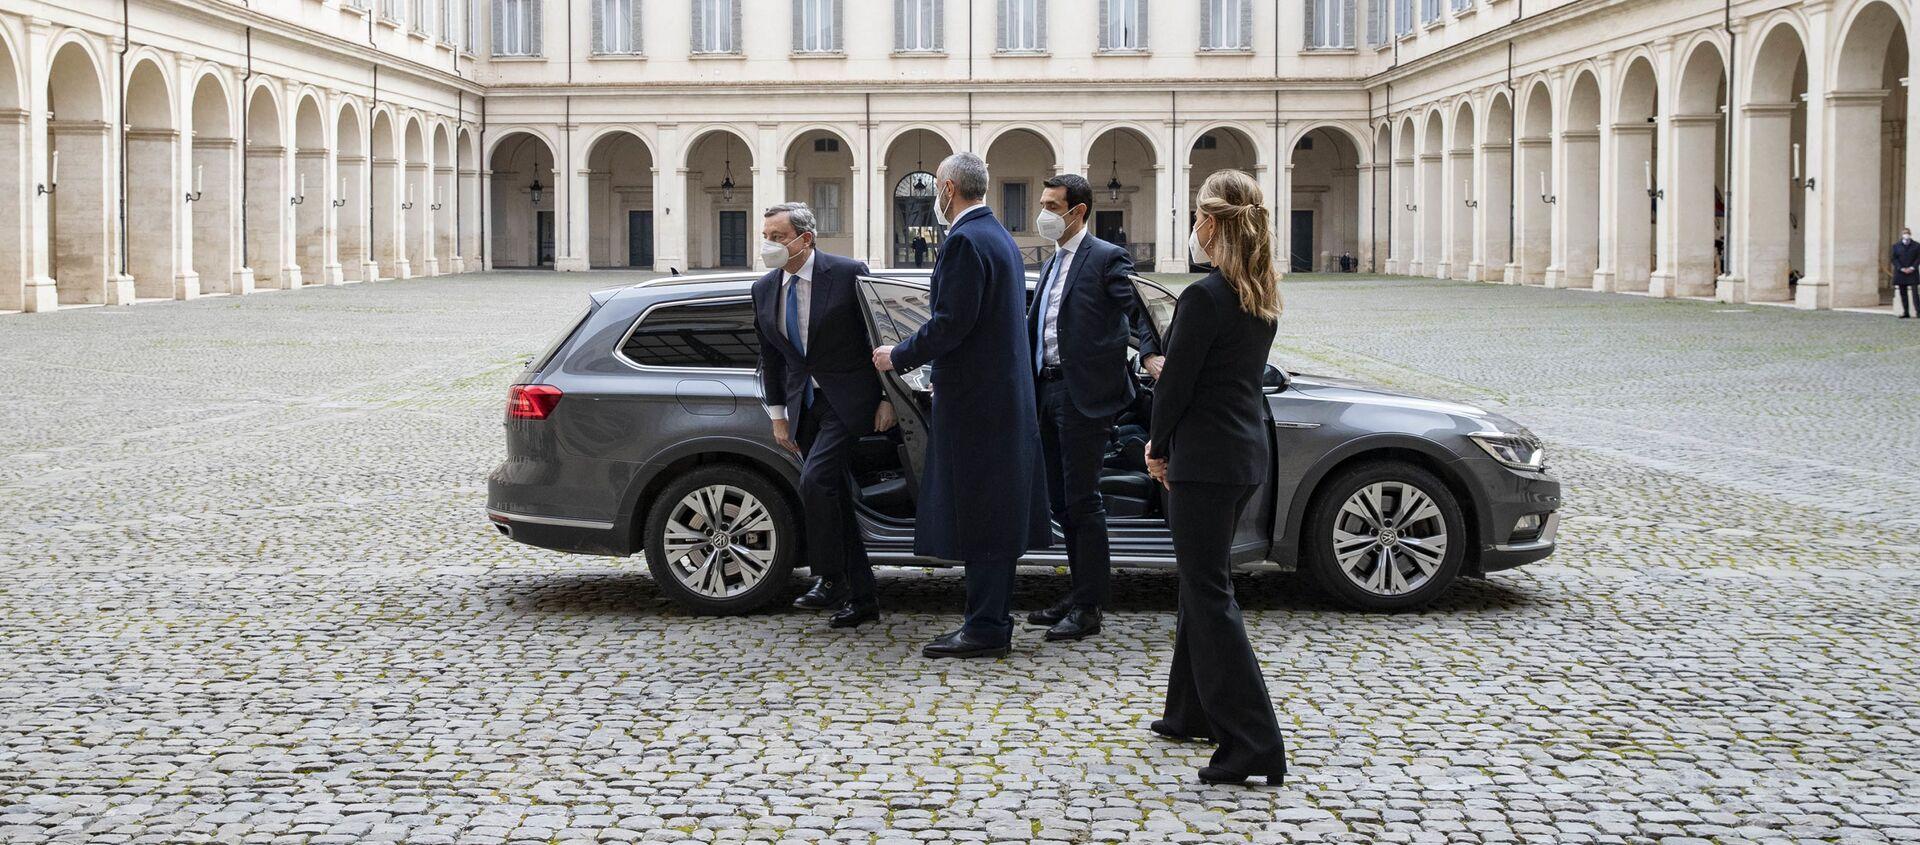 Il Prof Mario Draghi arriva al Quirinale - Sputnik Italia, 1920, 03.02.2021